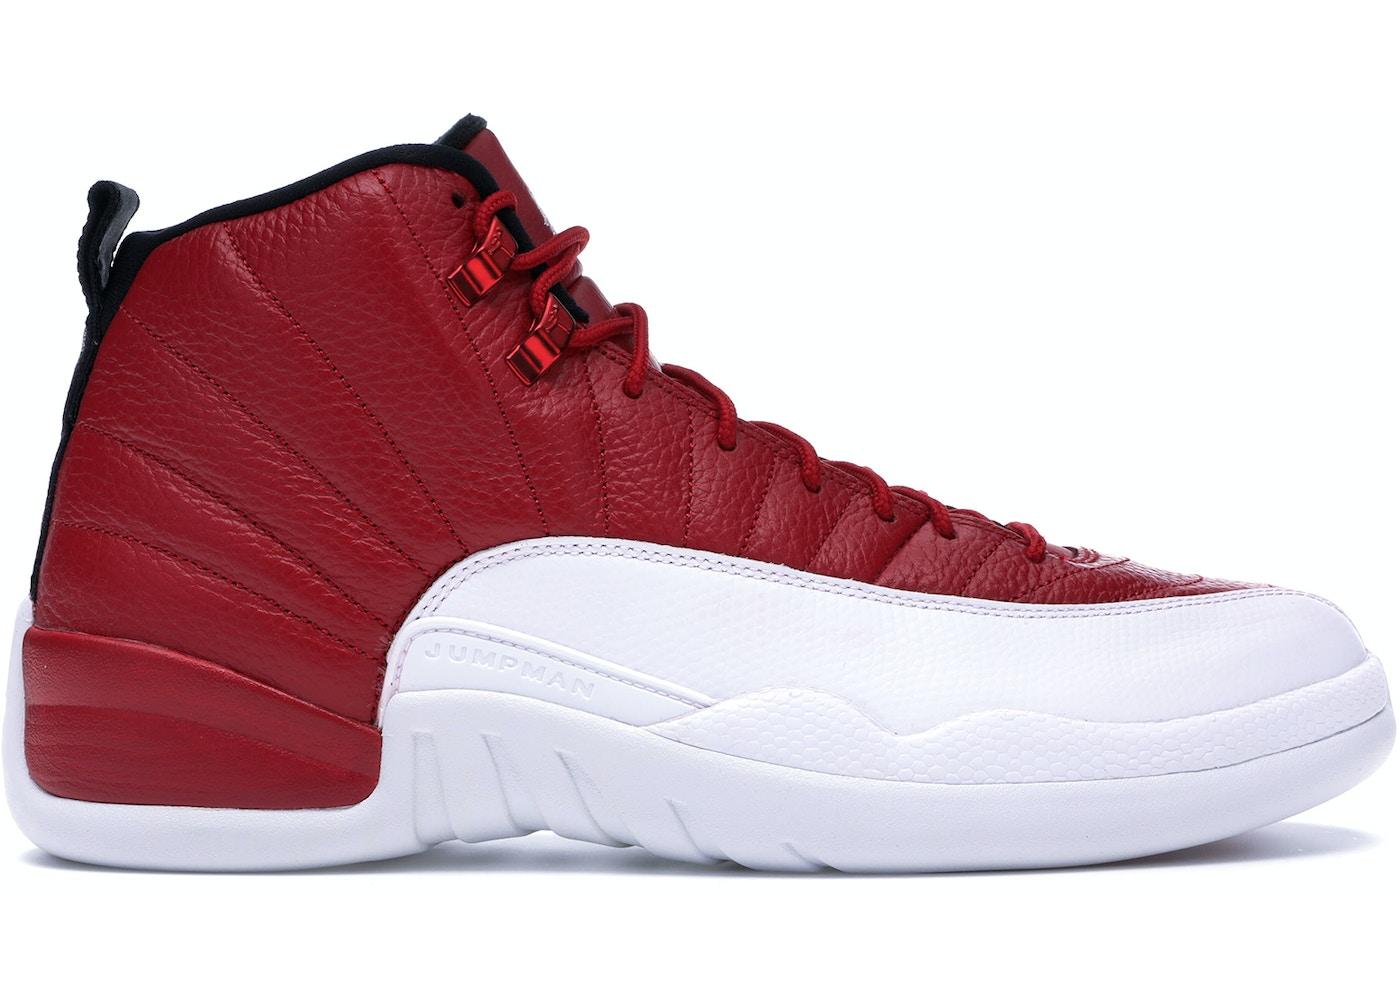 baac5c0170bd50 Jordan 12 Retro Gym Red - 130690-600